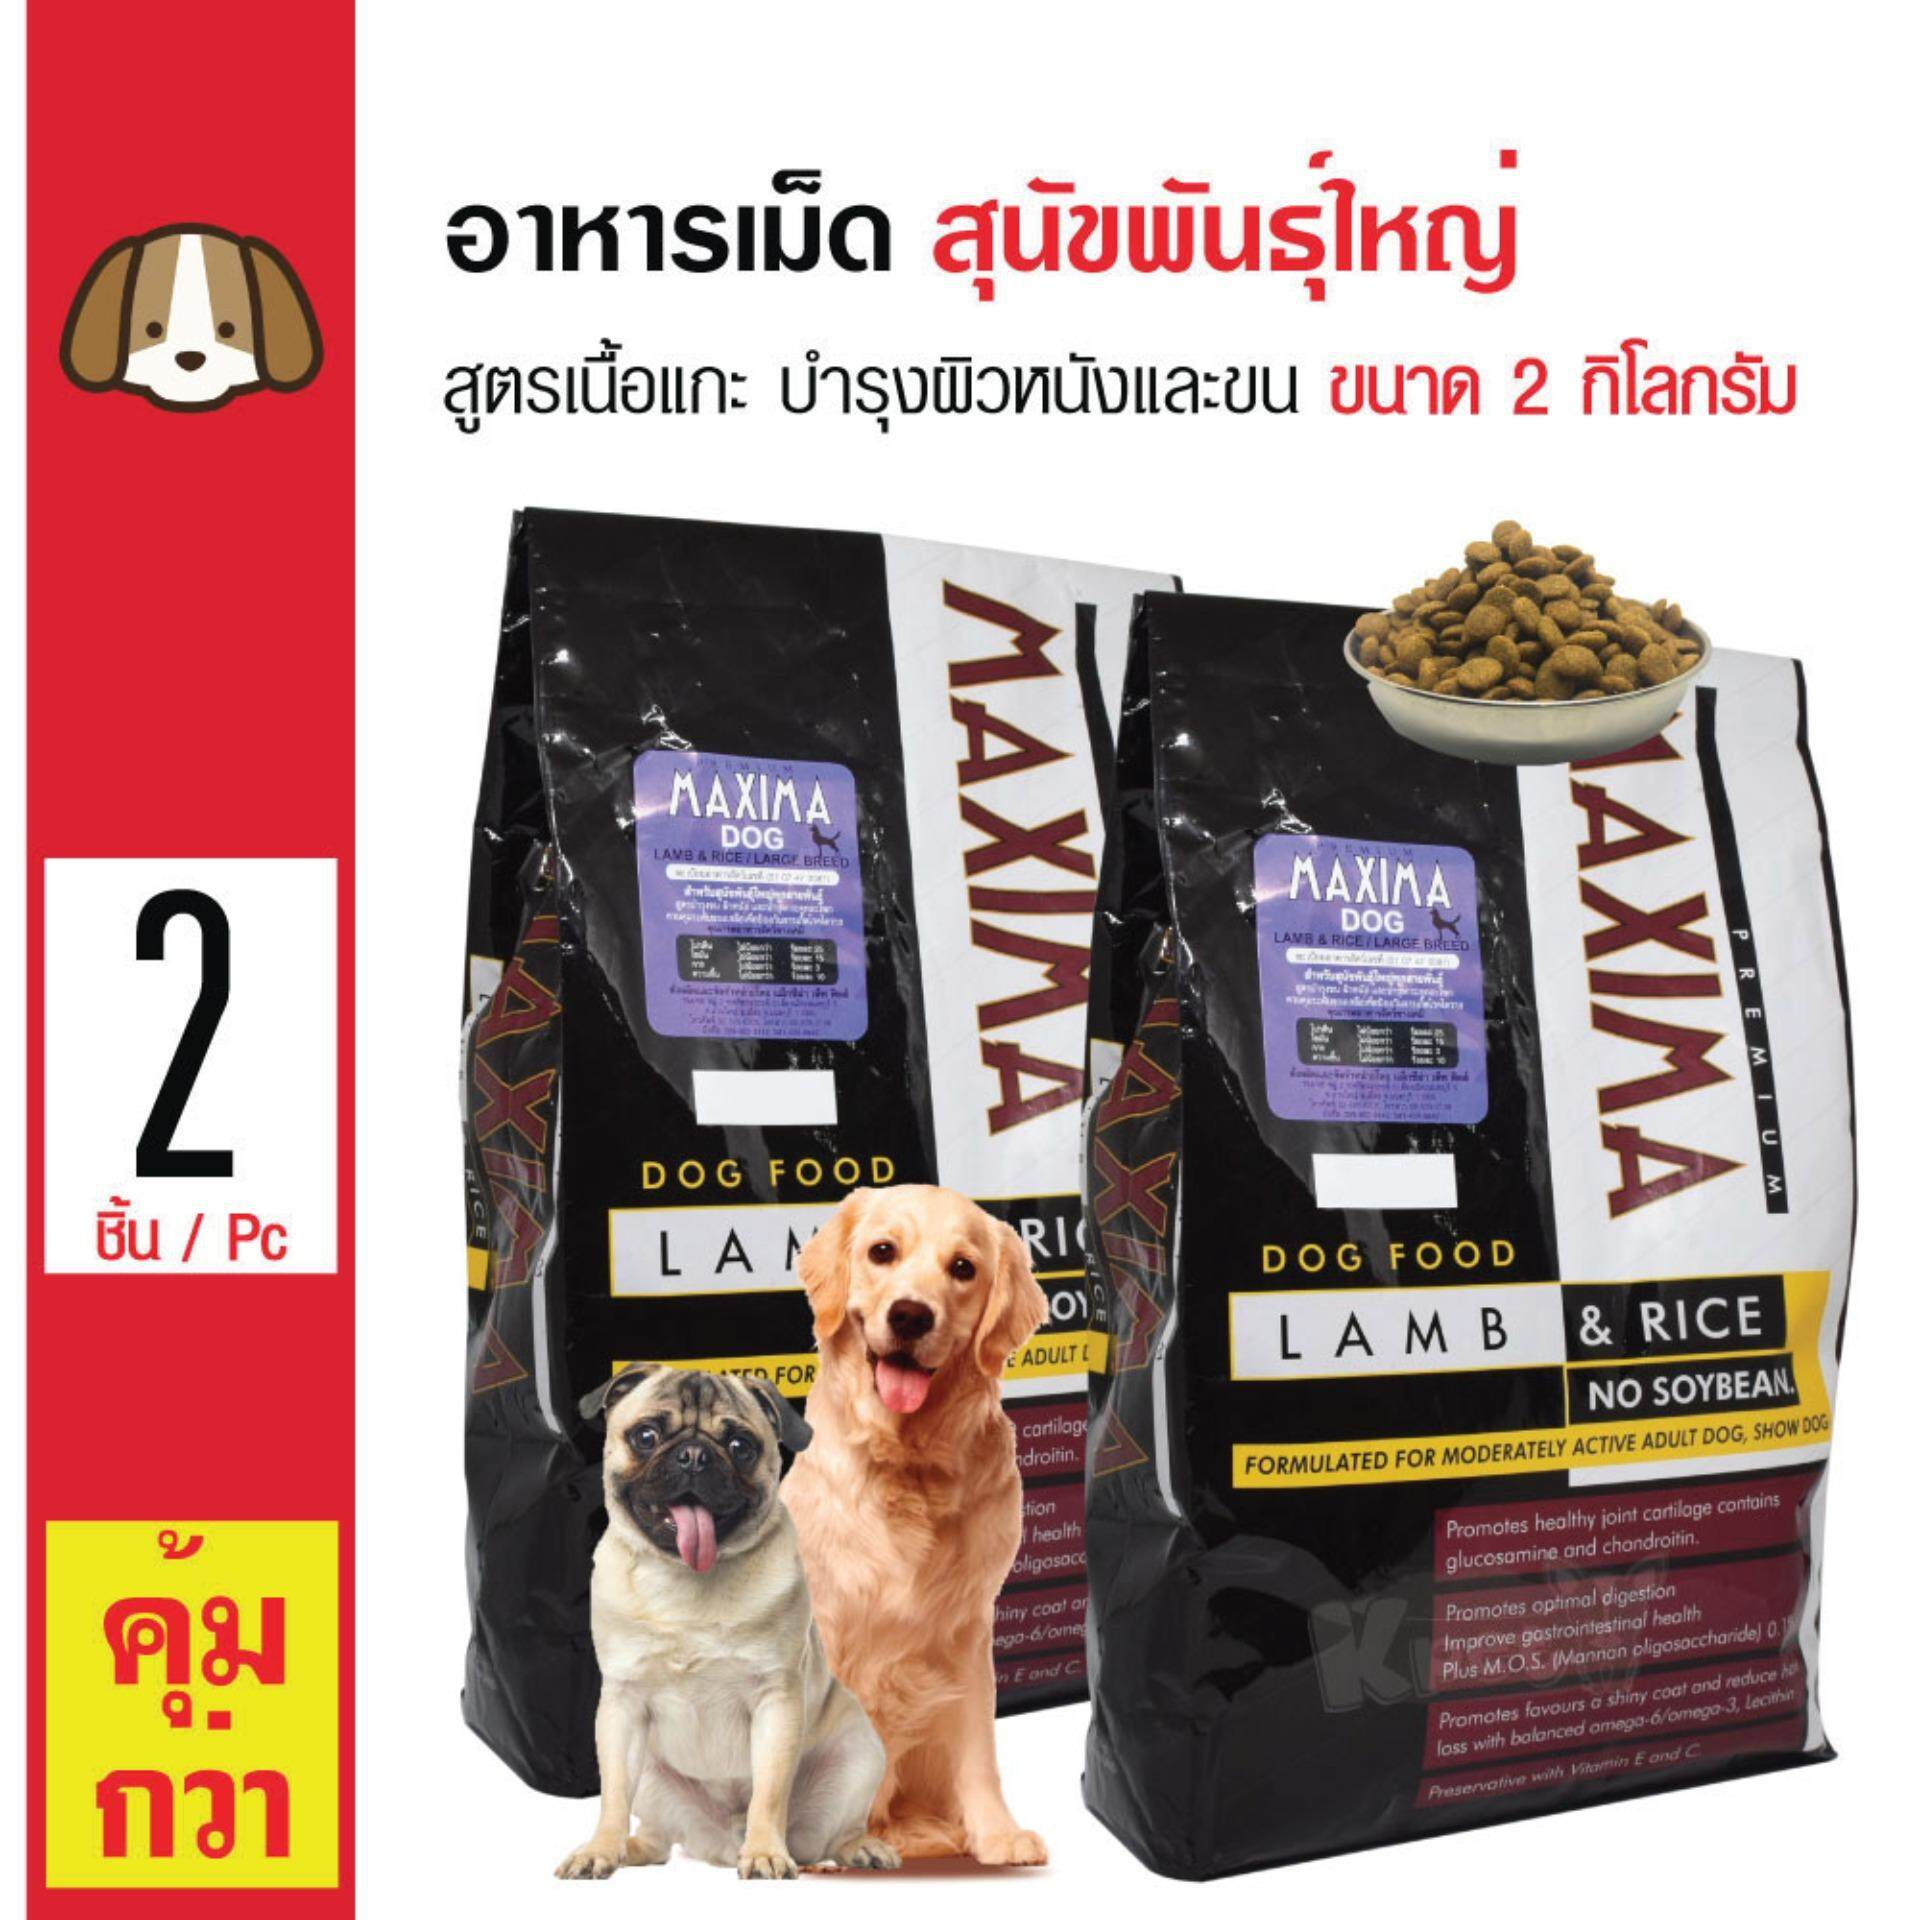 Maxima Dog อาหารเม็ด อาหารสุนัข สูตรเนื้อแกะ บำรุงผิวหนังและขน (เม็ดใหญ่) สำหรับสุนัขพันธุ์ใหญ่ ขนาด 2 กิโลกรัม X 2 ถุง.